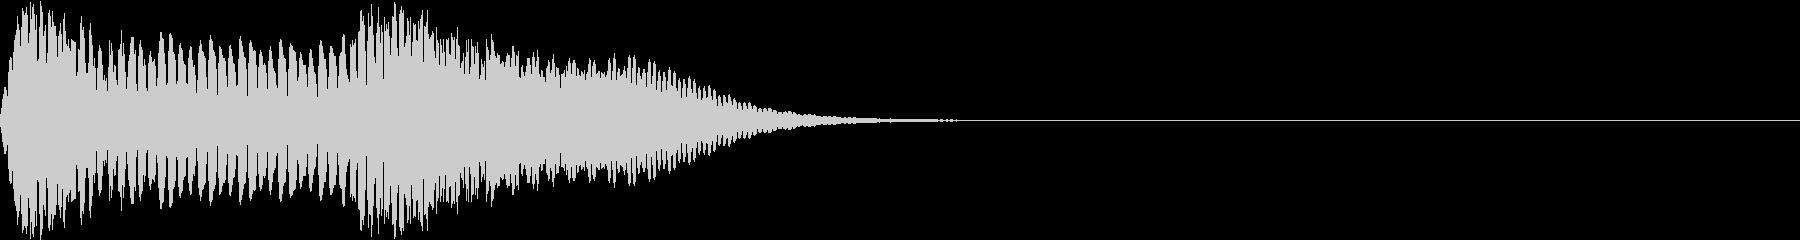 キュイン 強い 熱い 激アツ ギュインの未再生の波形